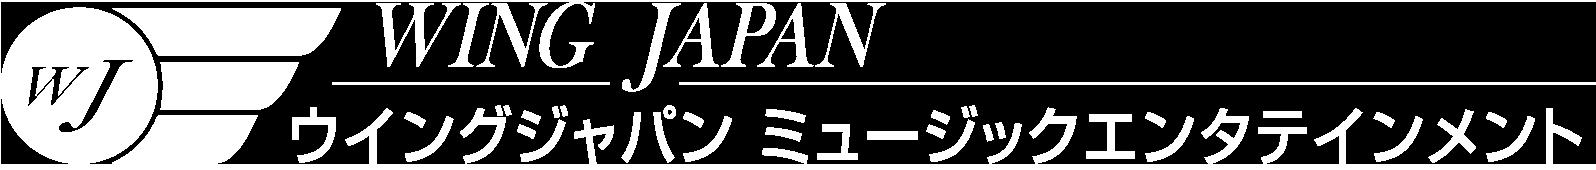 ウィングジャパン Wing Japan